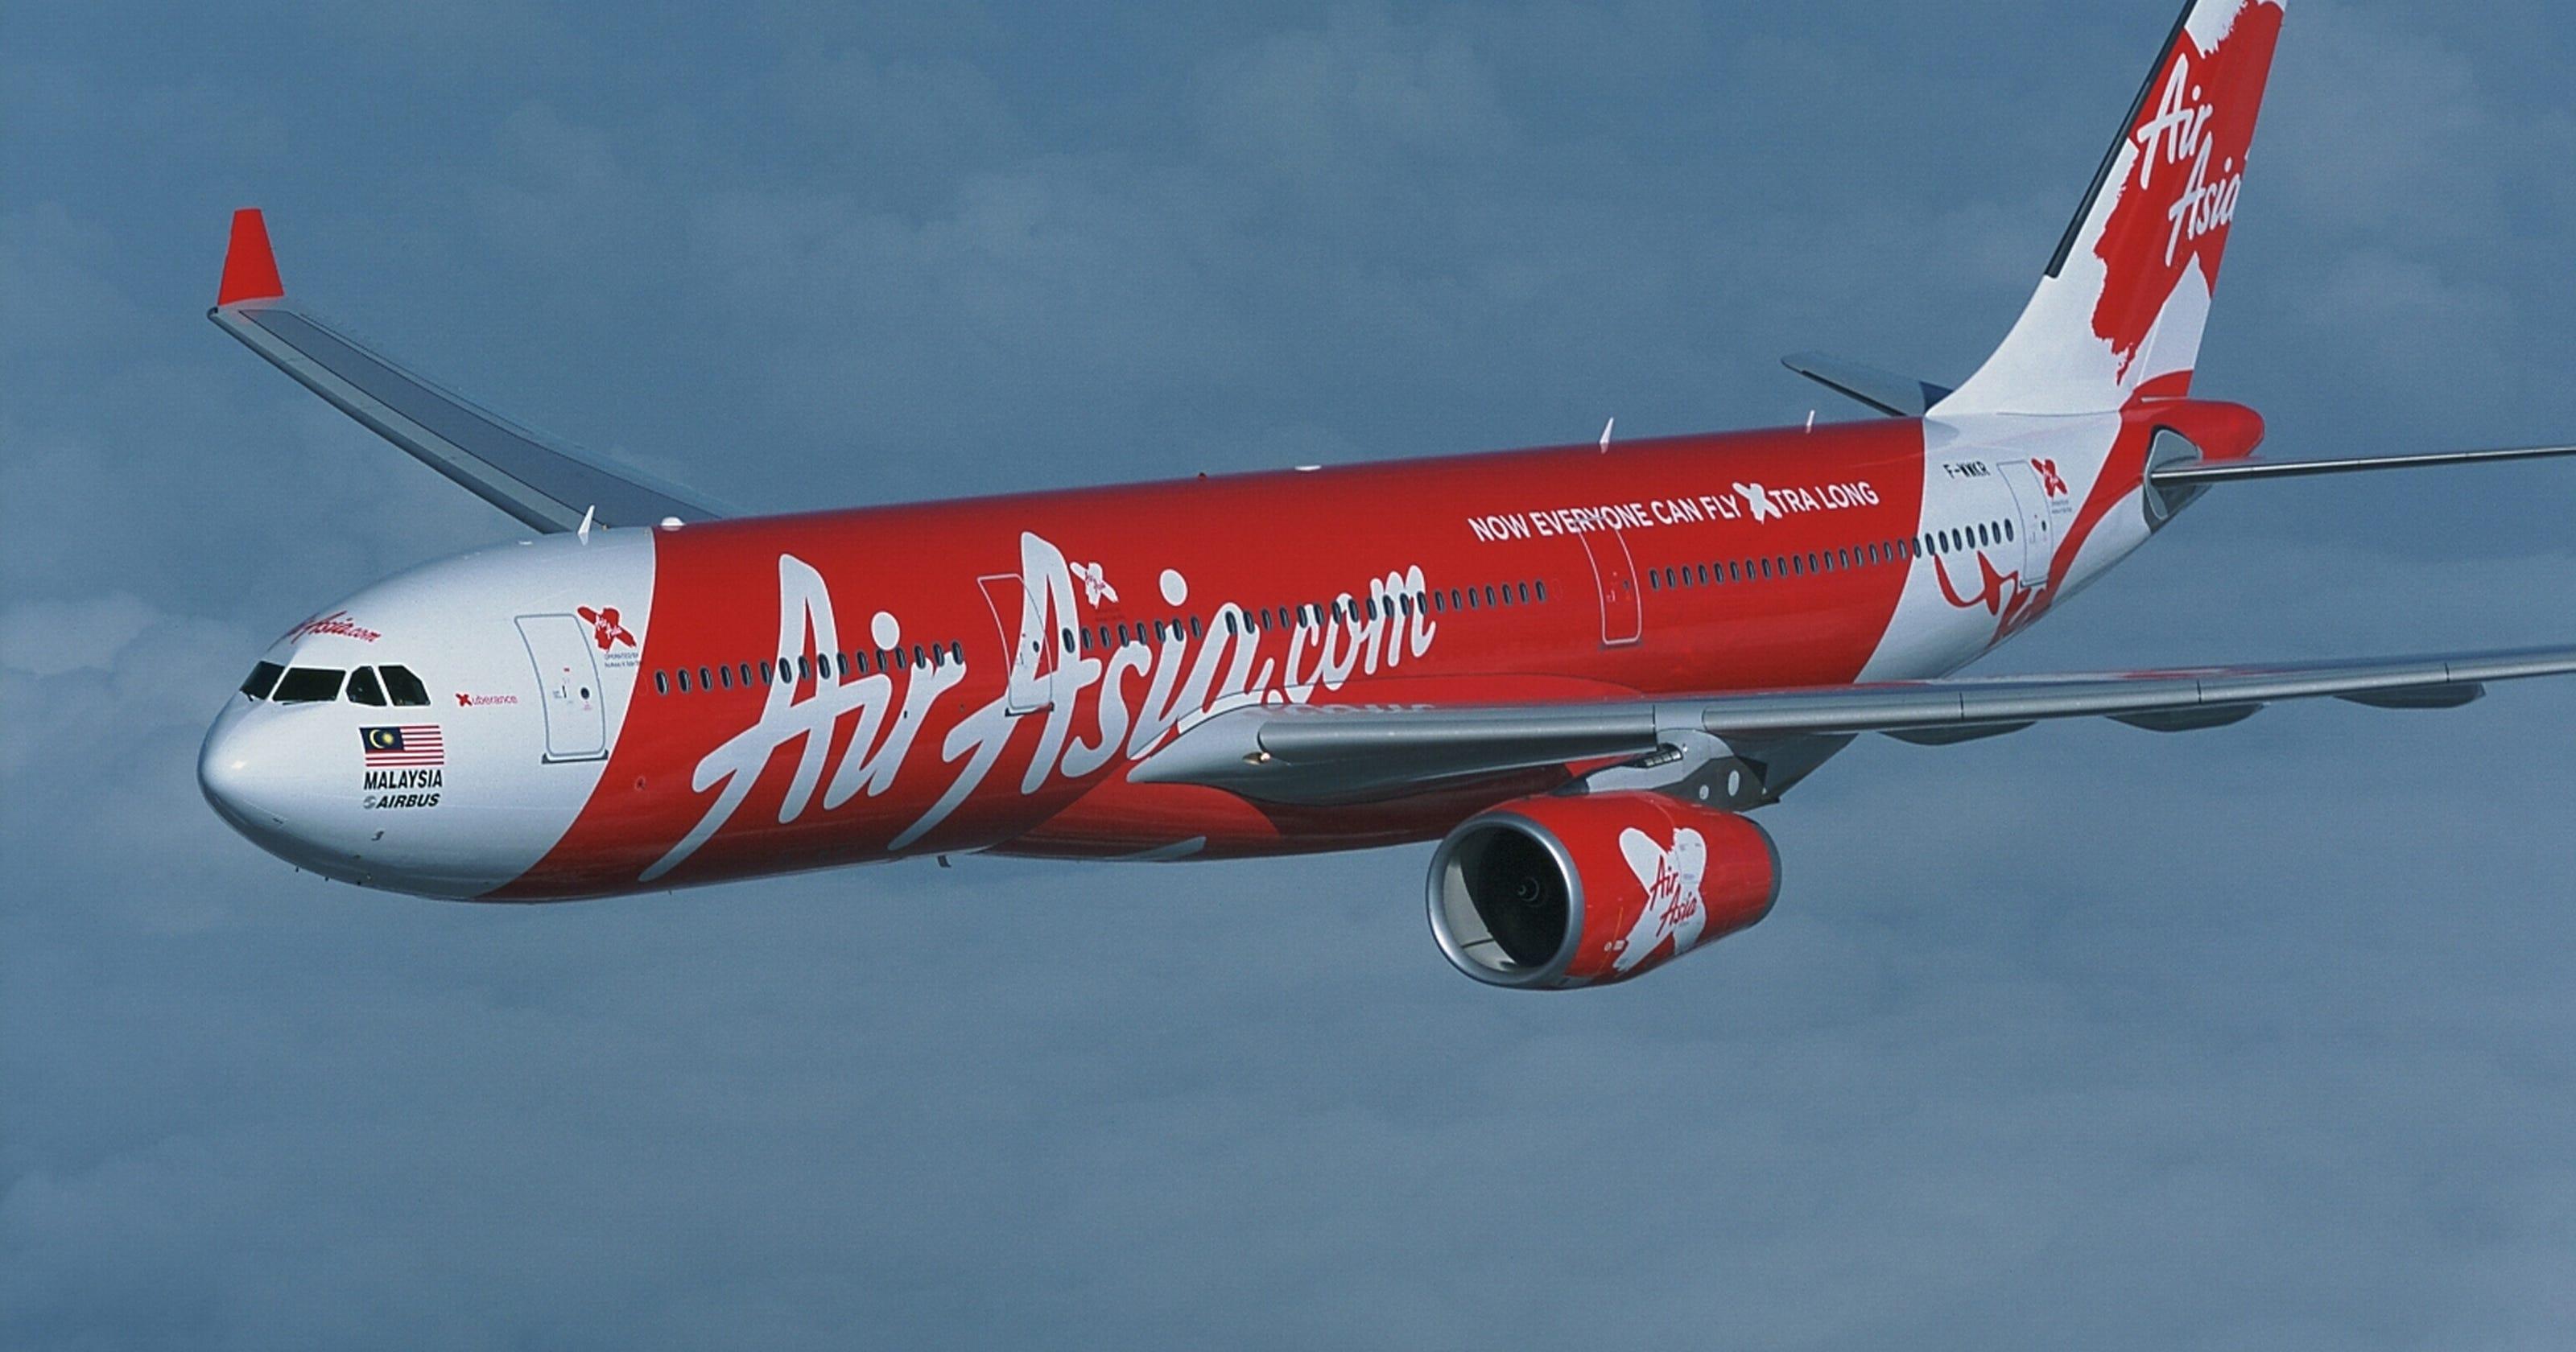 AirAsia announces $99 fares for first-ever U.S. destination